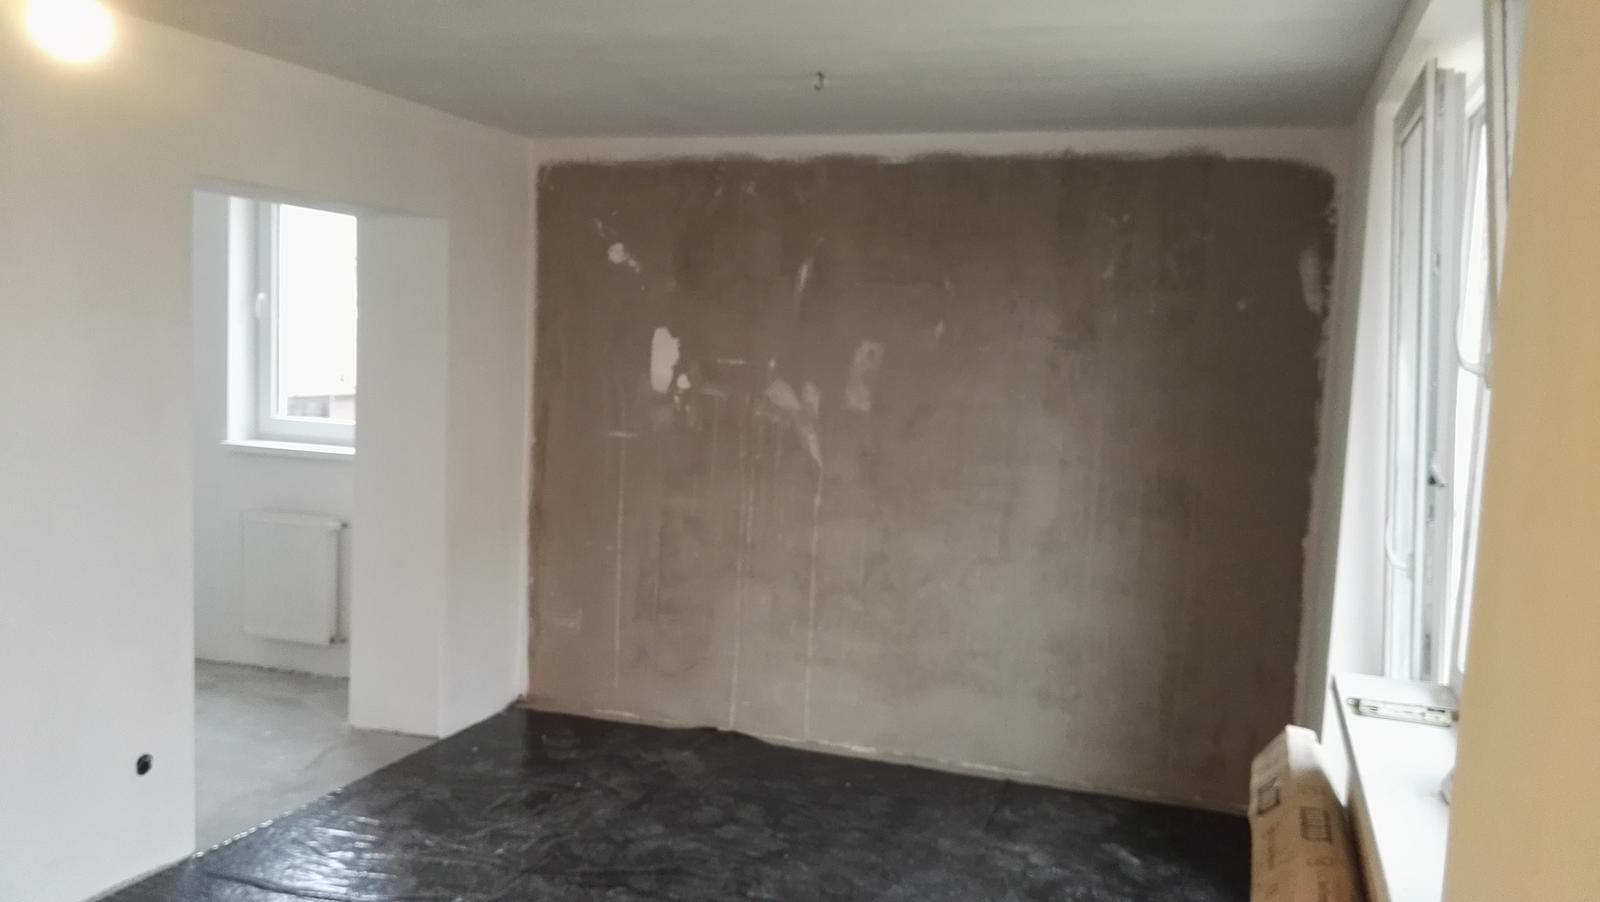 Projekt: Nové bývanie ... - ... obyvačko-kuchyňa, na stenu pôjdu tehličky...